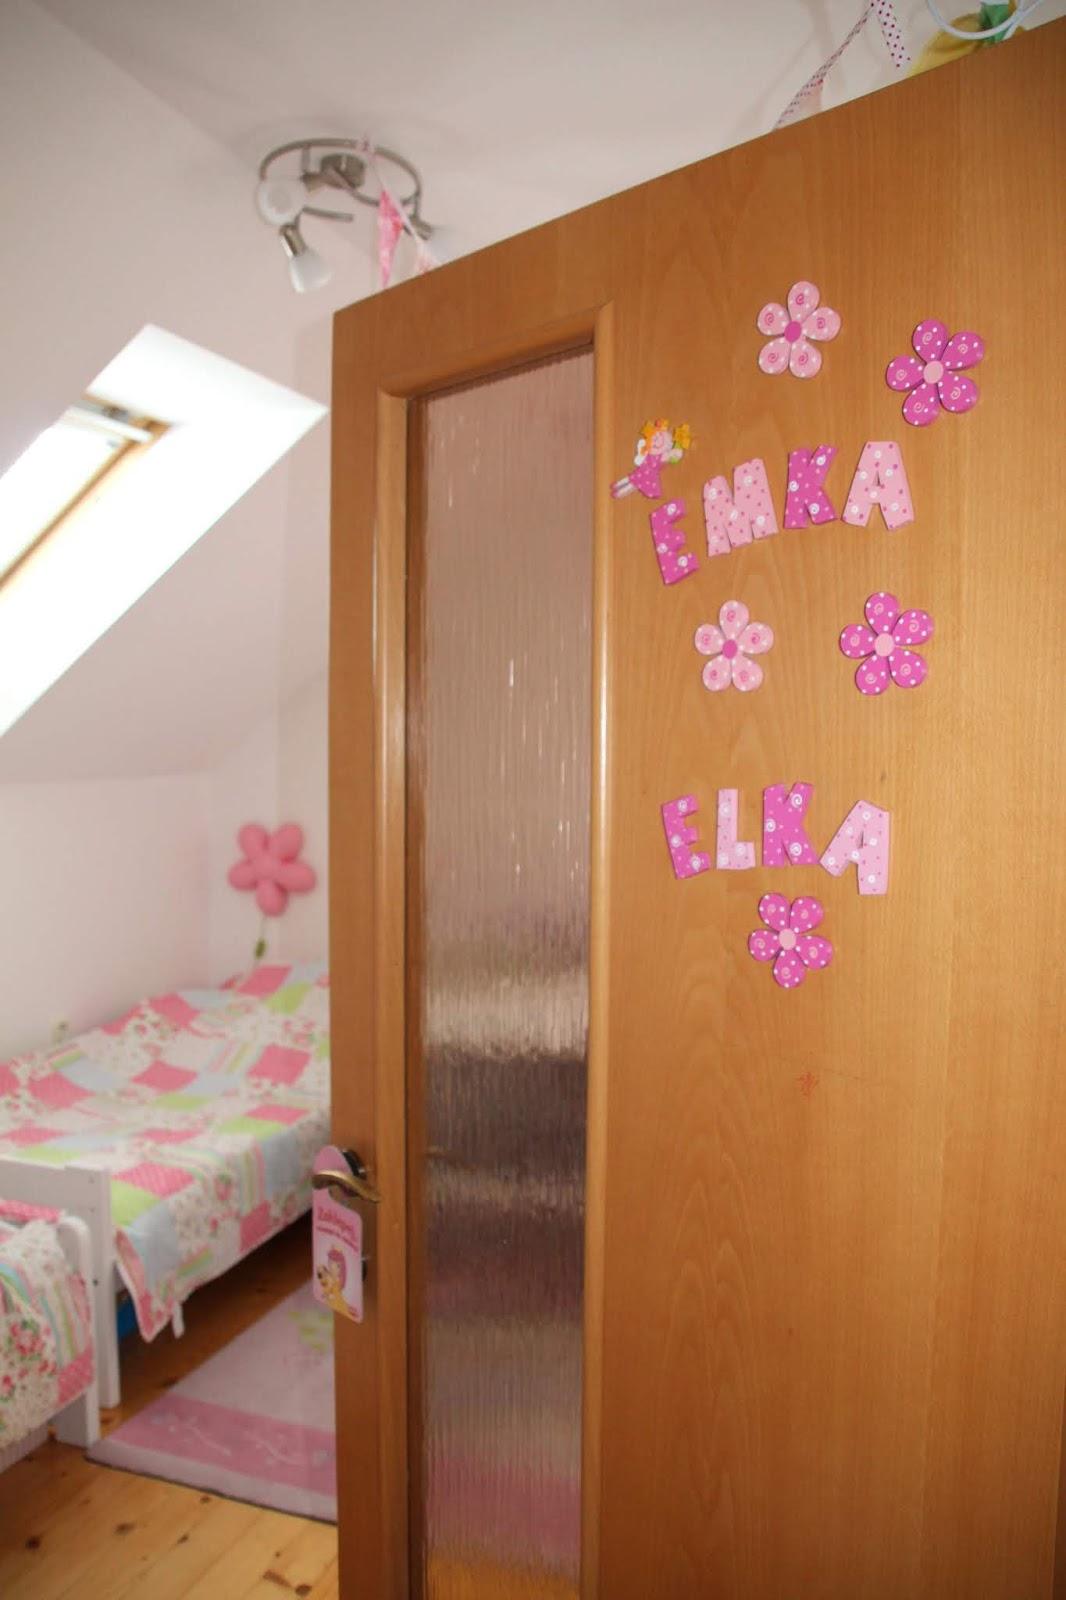 eda3396418f6 Detská izba prešla niekoľkými zmenami. Keď sme stavali dom